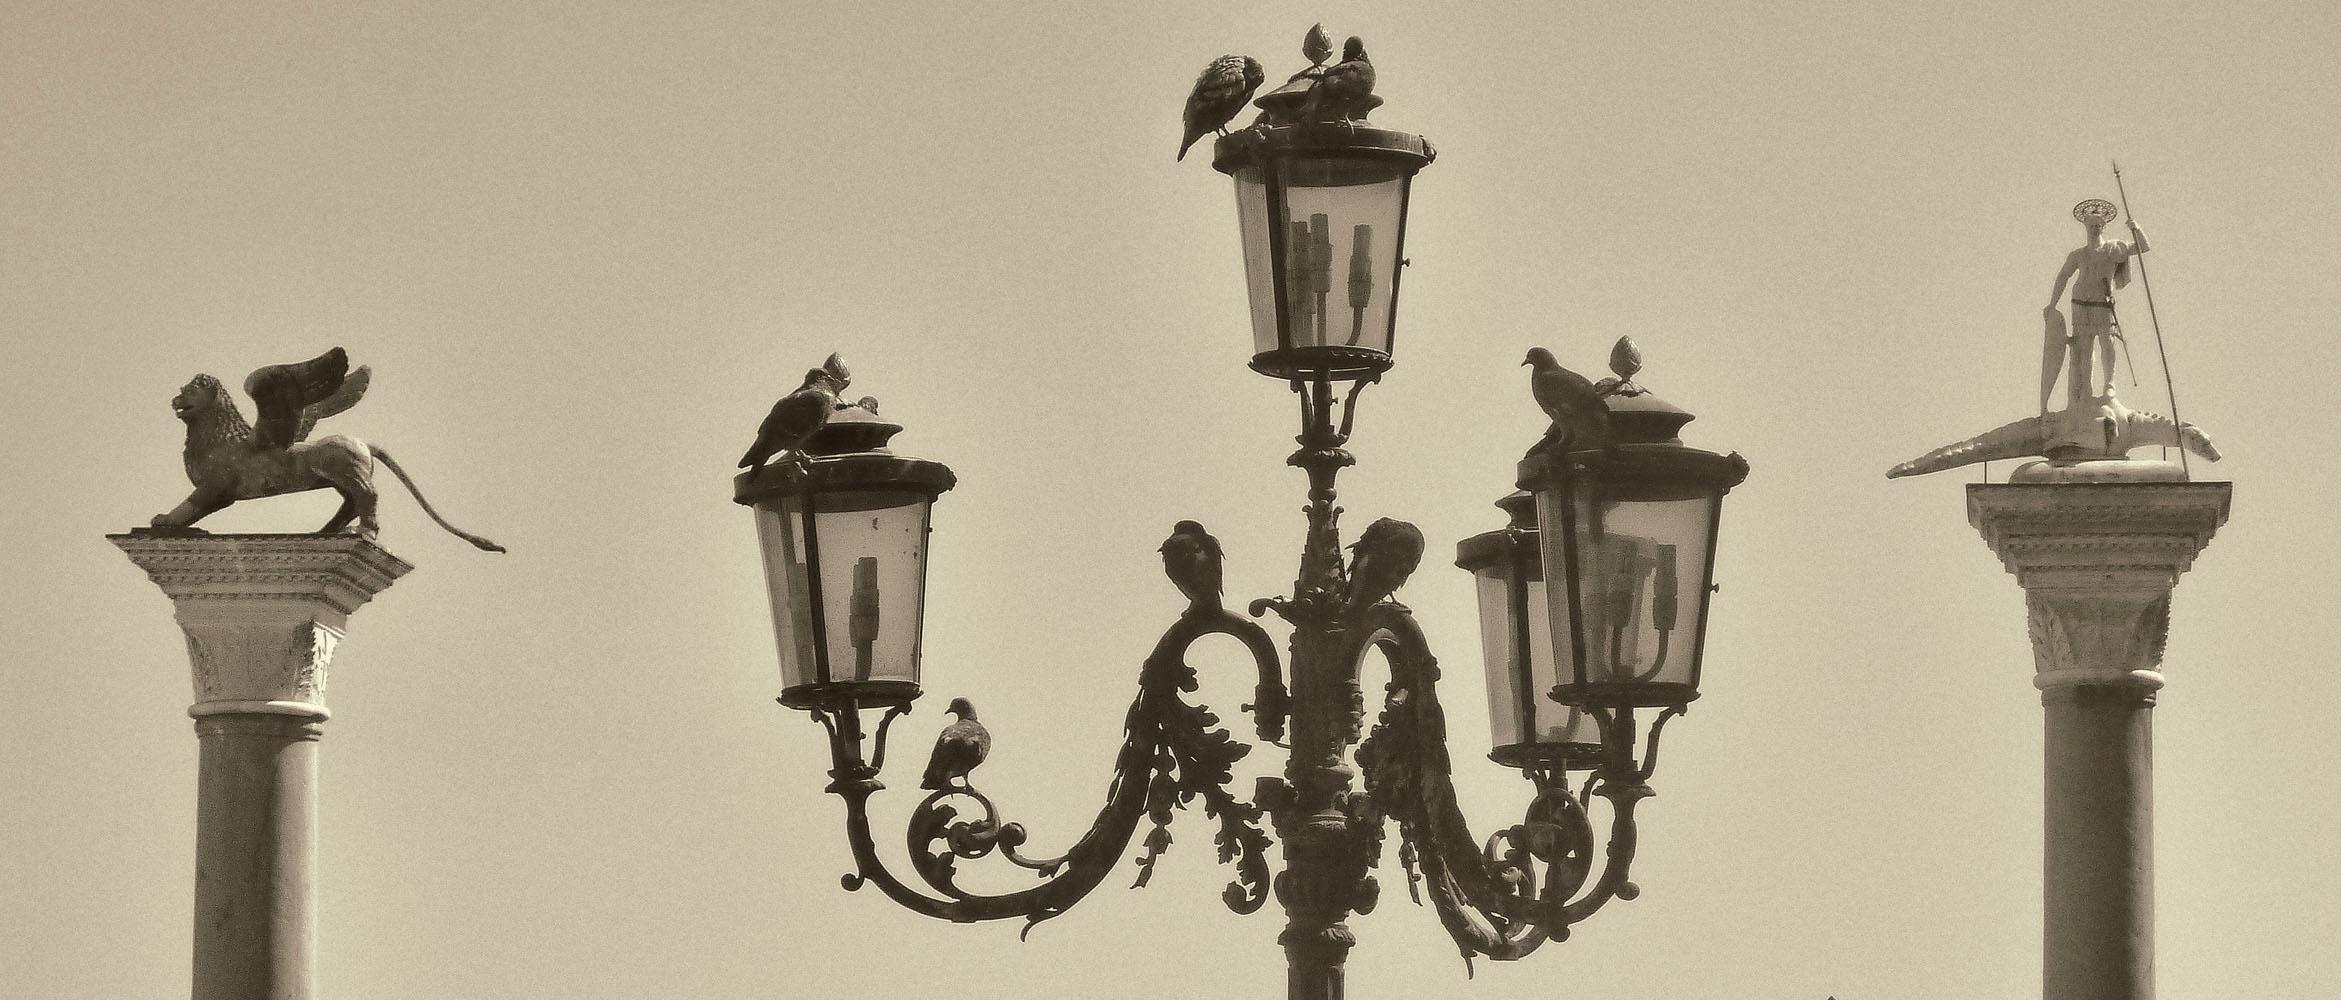 Venetian Lightposts